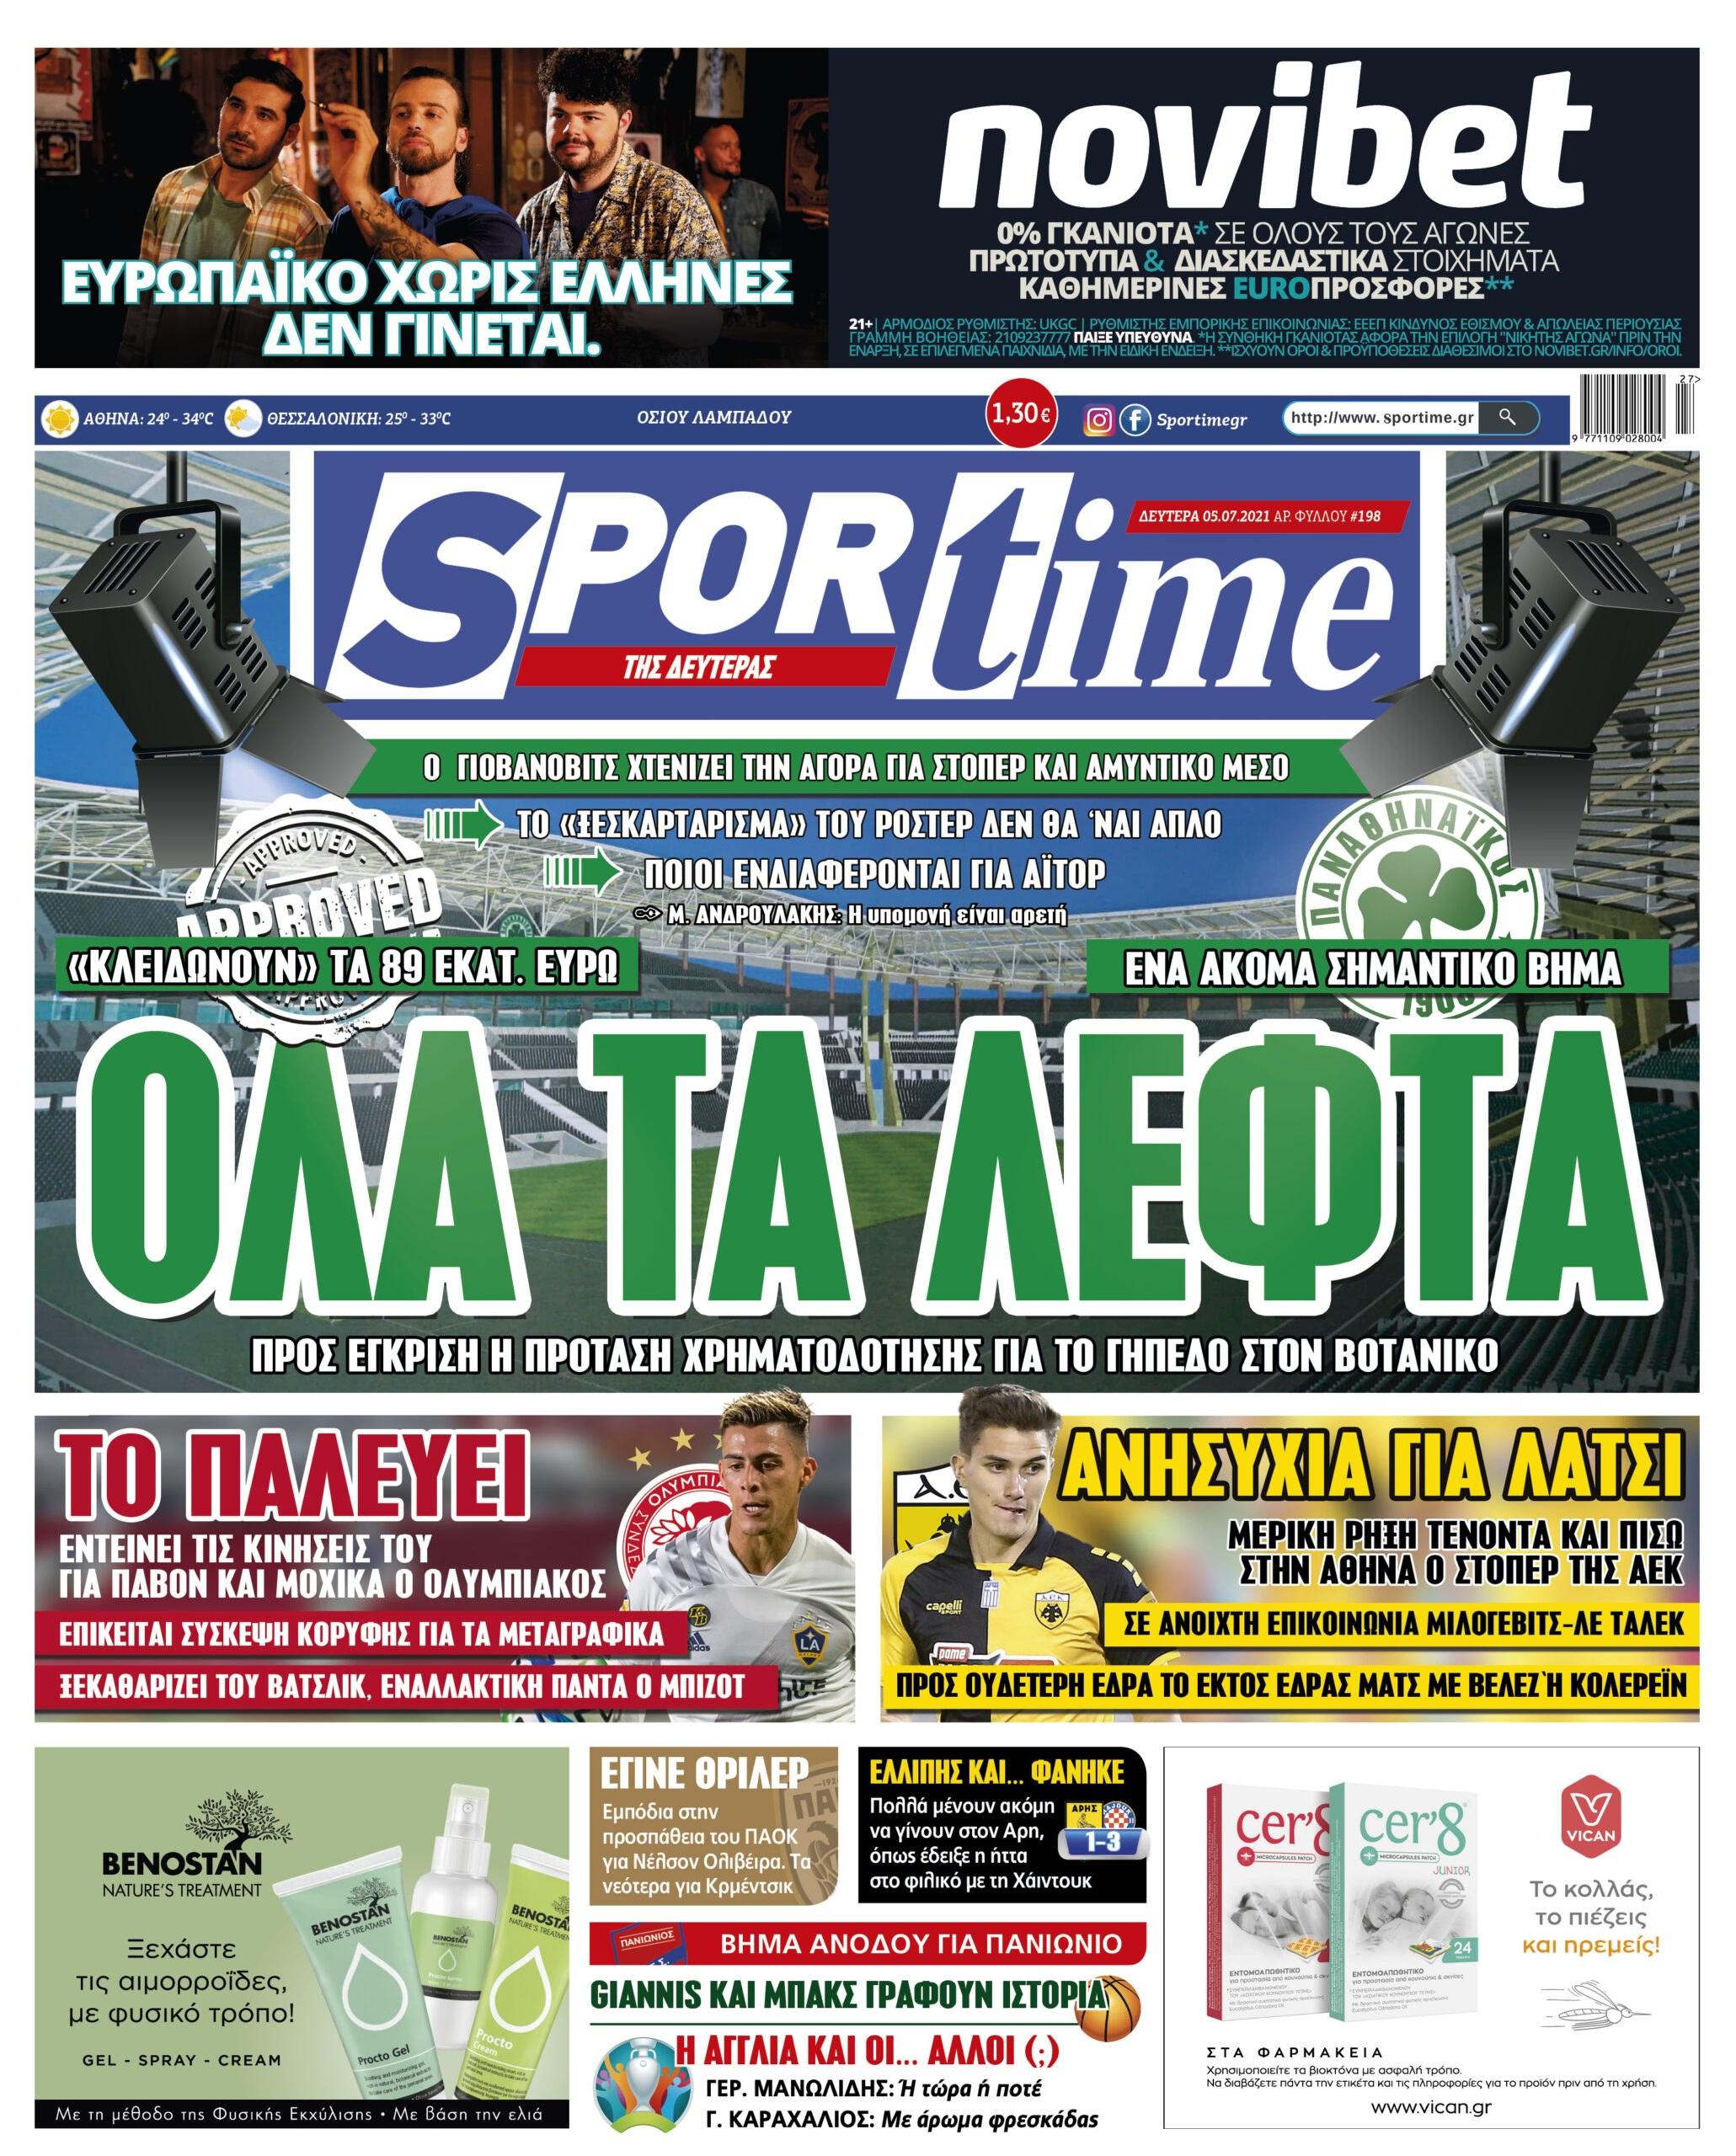 Εφημερίδα SPORTIME - Εξώφυλλο φύλλου 5/7/2021